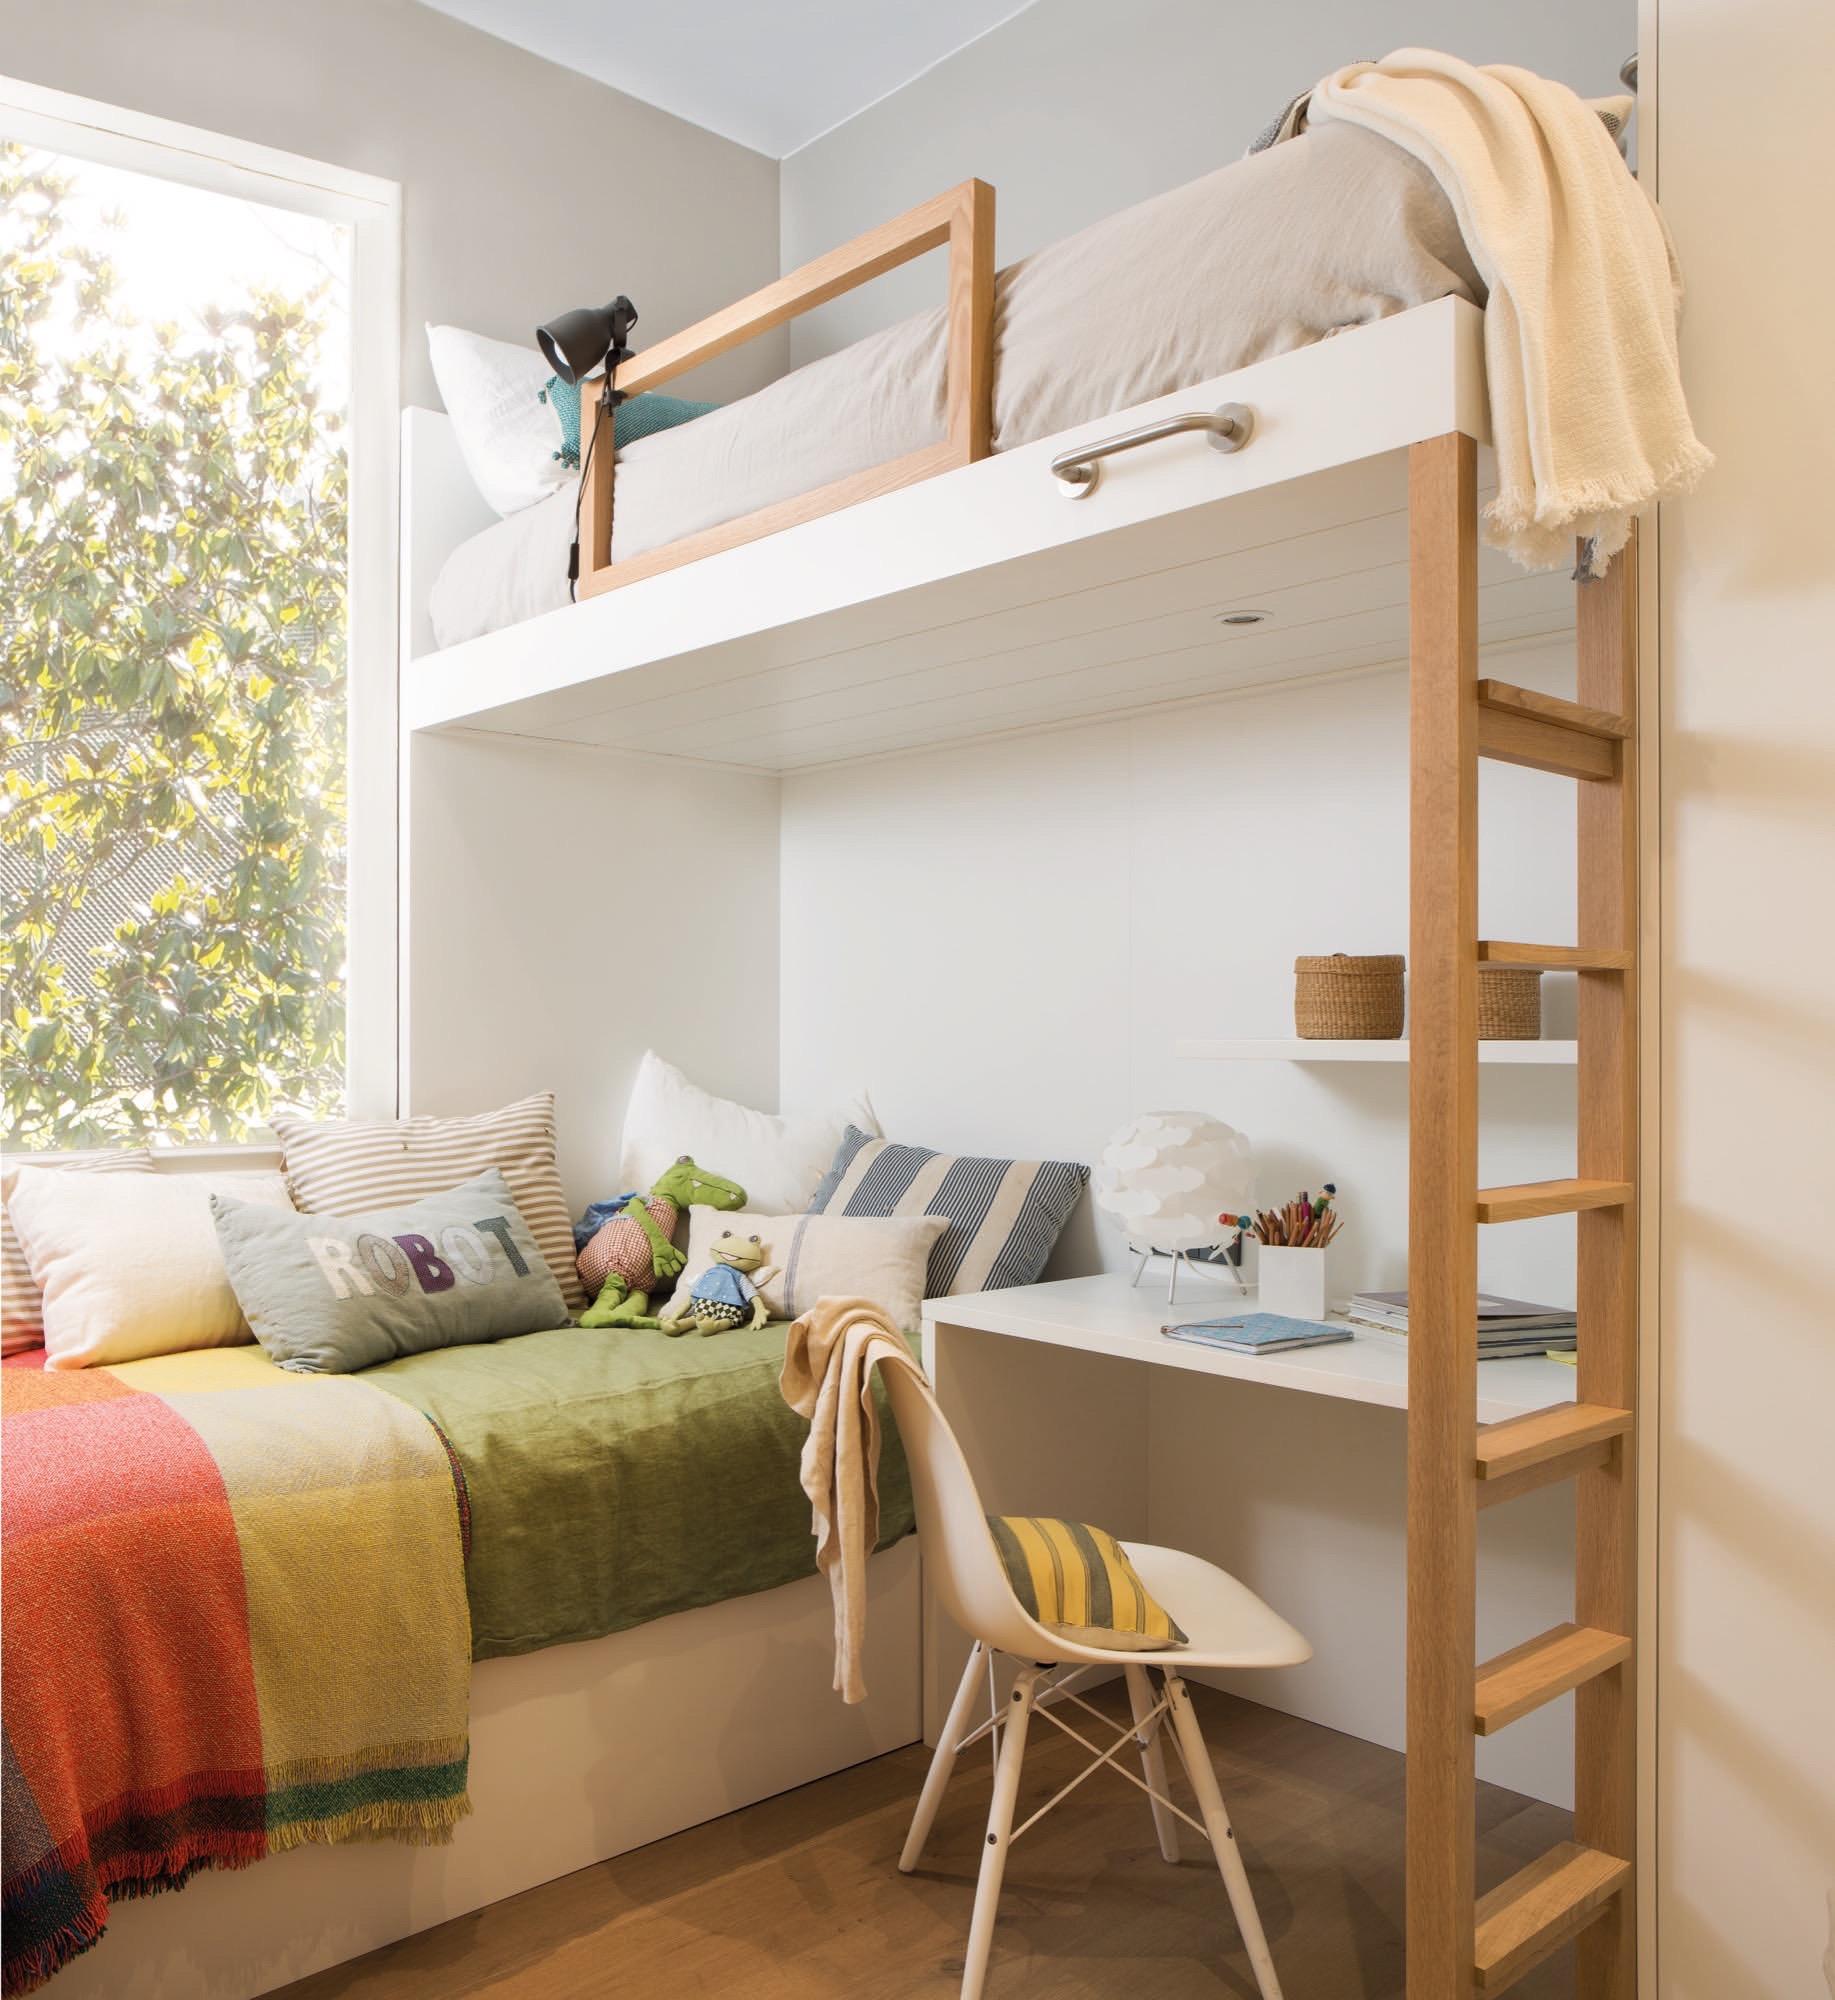 Un piso peque o y muy primaveral - Como poner dos camas en una habitacion pequena ...